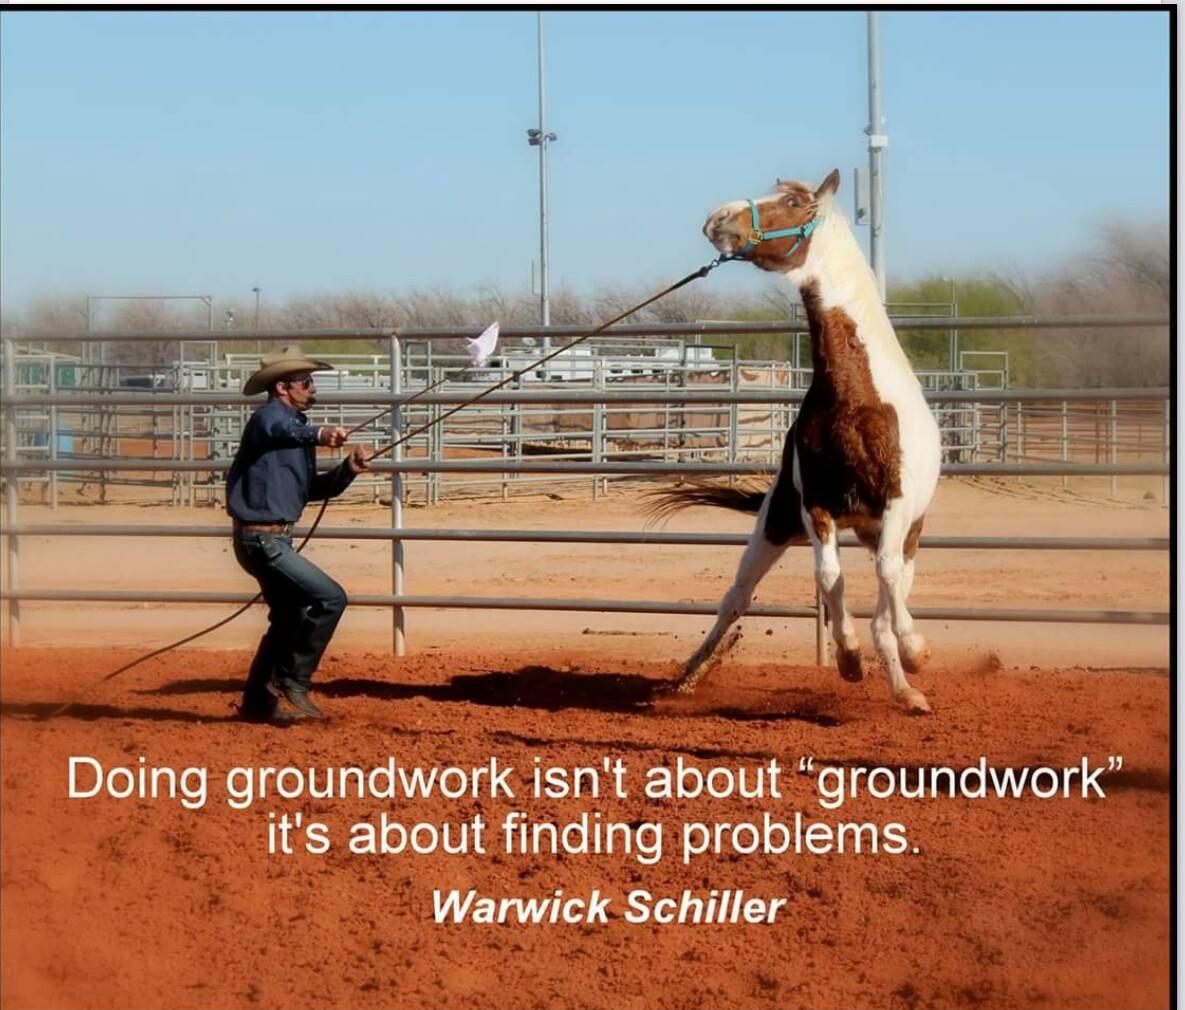 Warwick Schiller